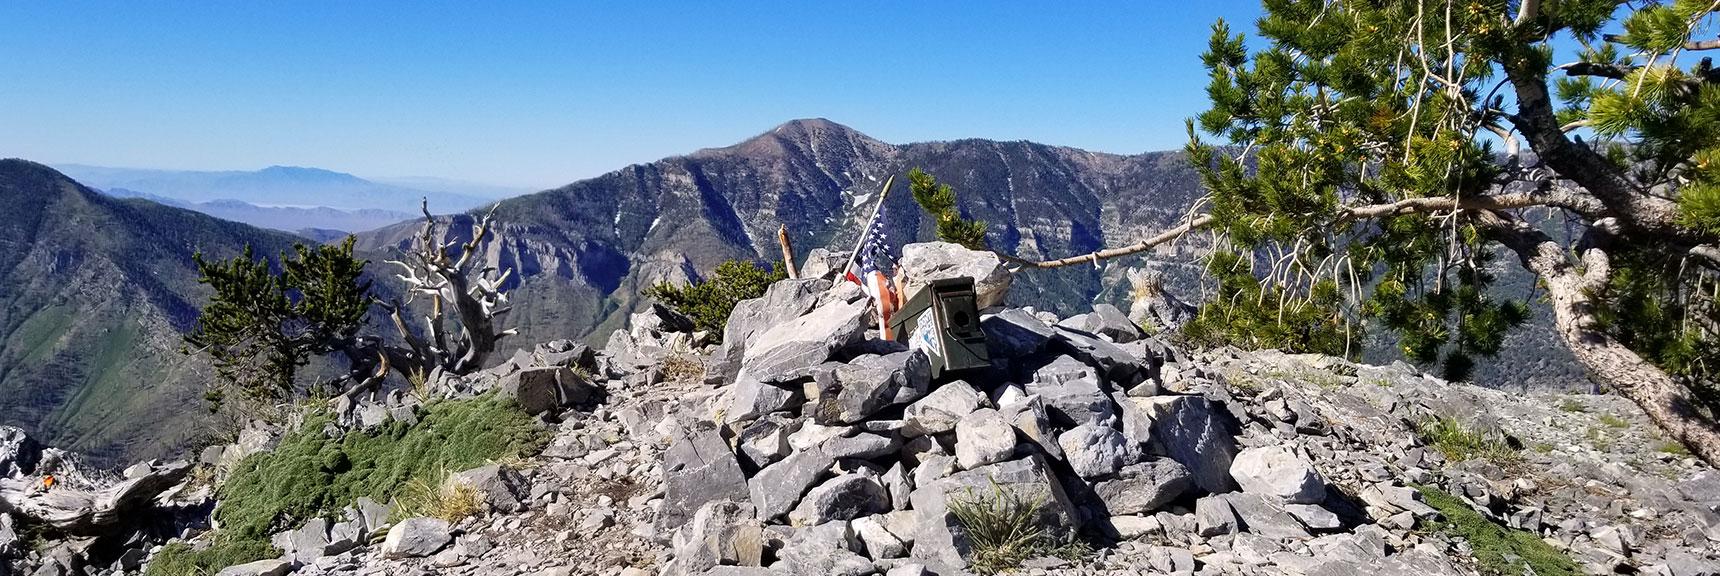 Fletcher Peak Summit, Griffith Peak in Background